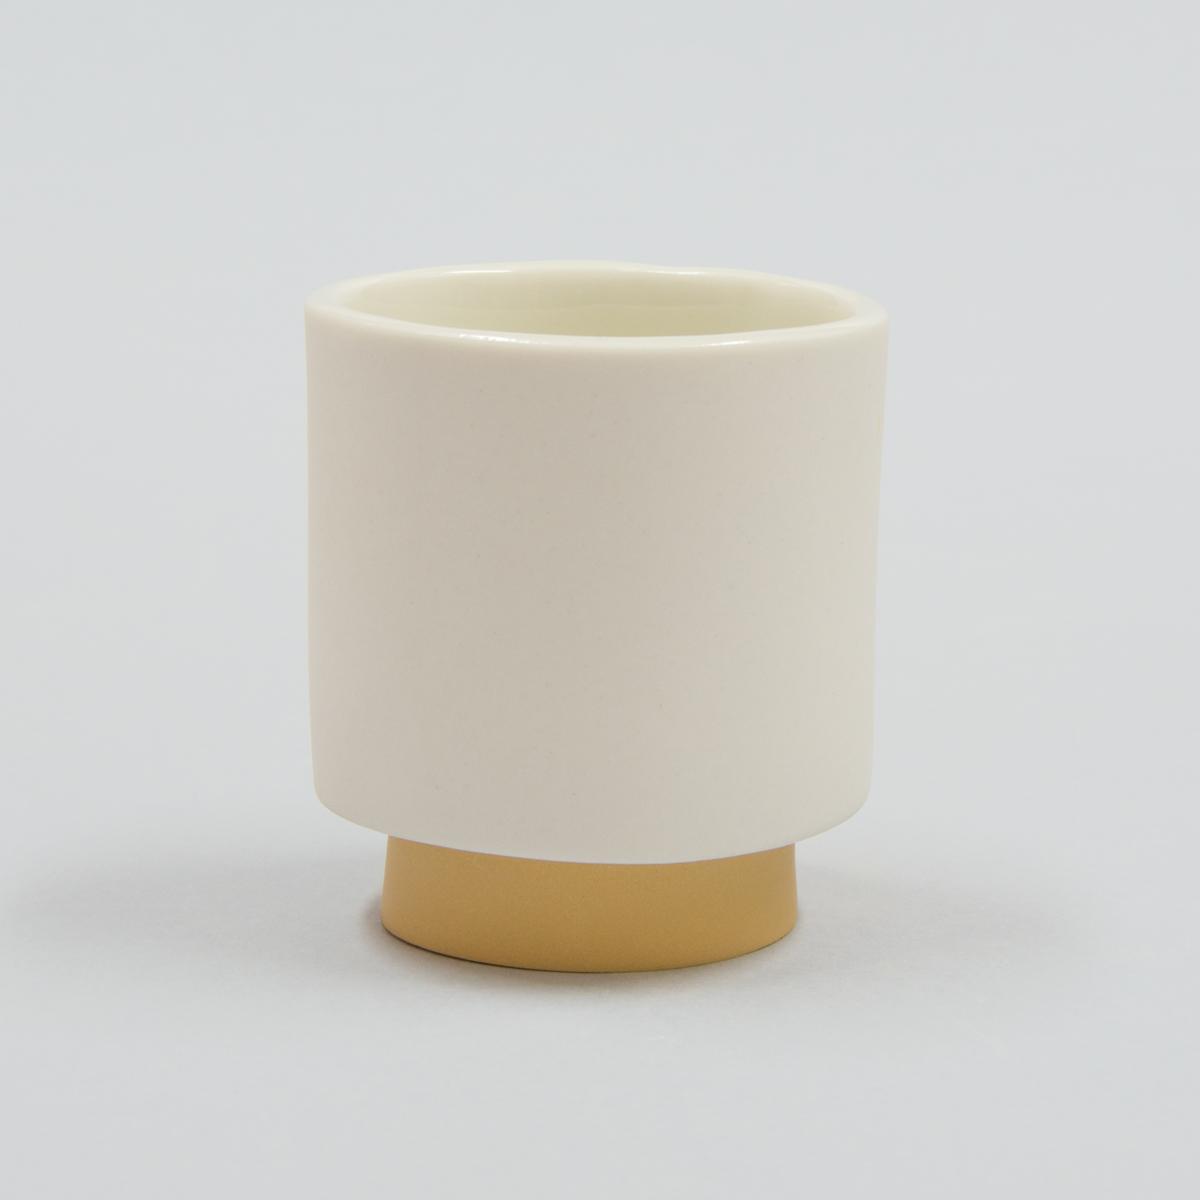 Tasse à café porcelaine jaune ocre